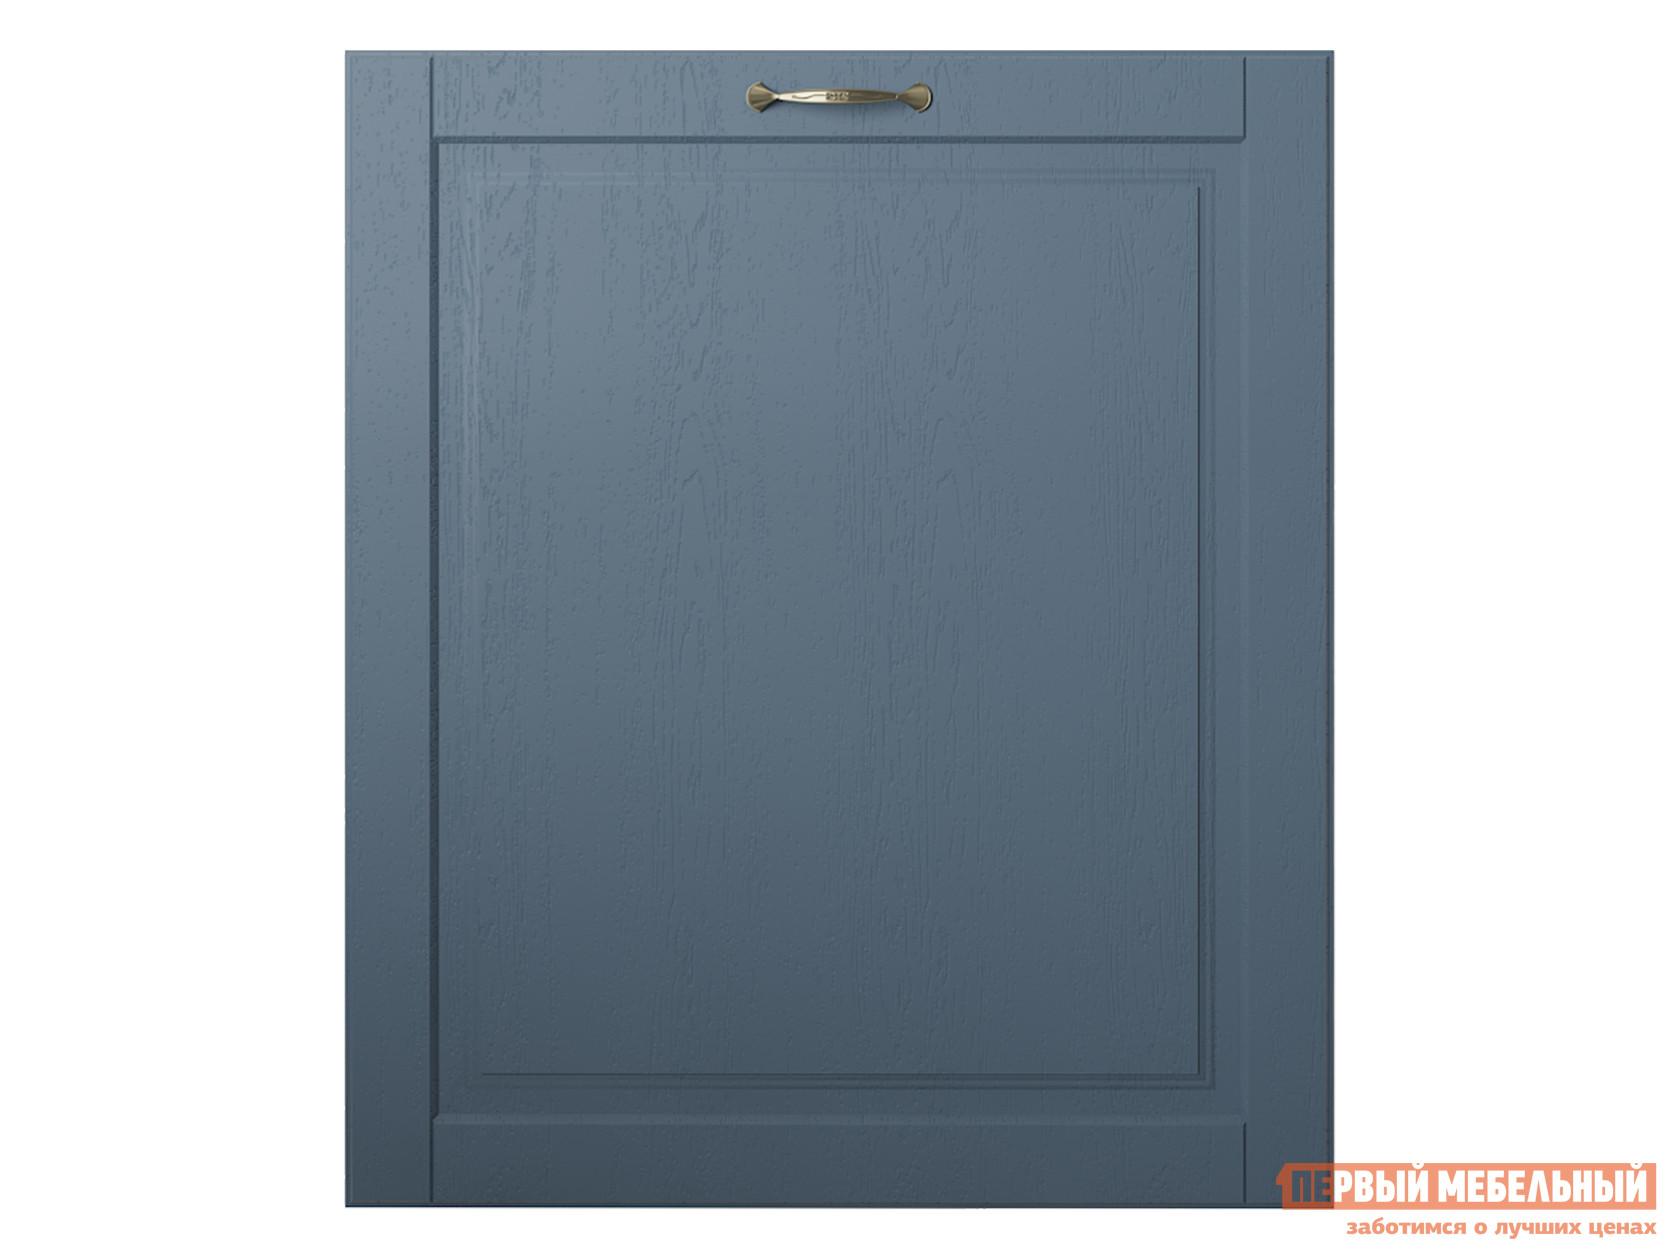 Кухонный модуль Первый Мебельный Фасад для встраиваемой техники 60 см Палермо комплект встраиваемой техники hansa bccb64195055 черный